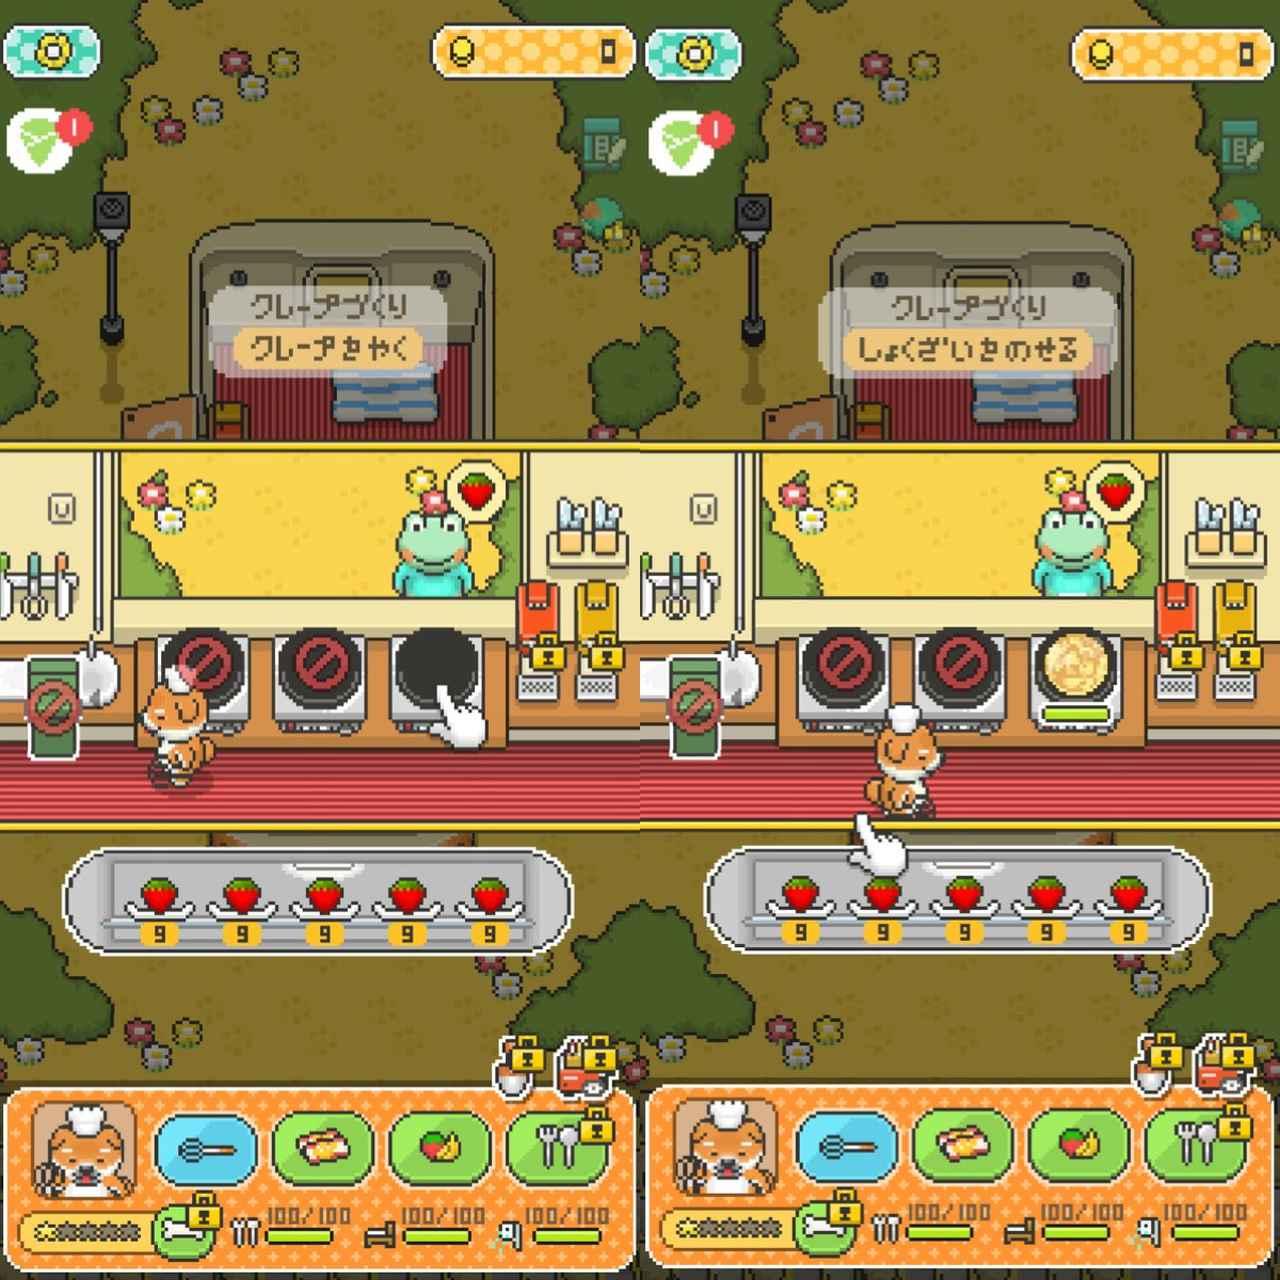 画像4: ビラ配り→果物集め→クレープ作って売る、が基本の流れ。